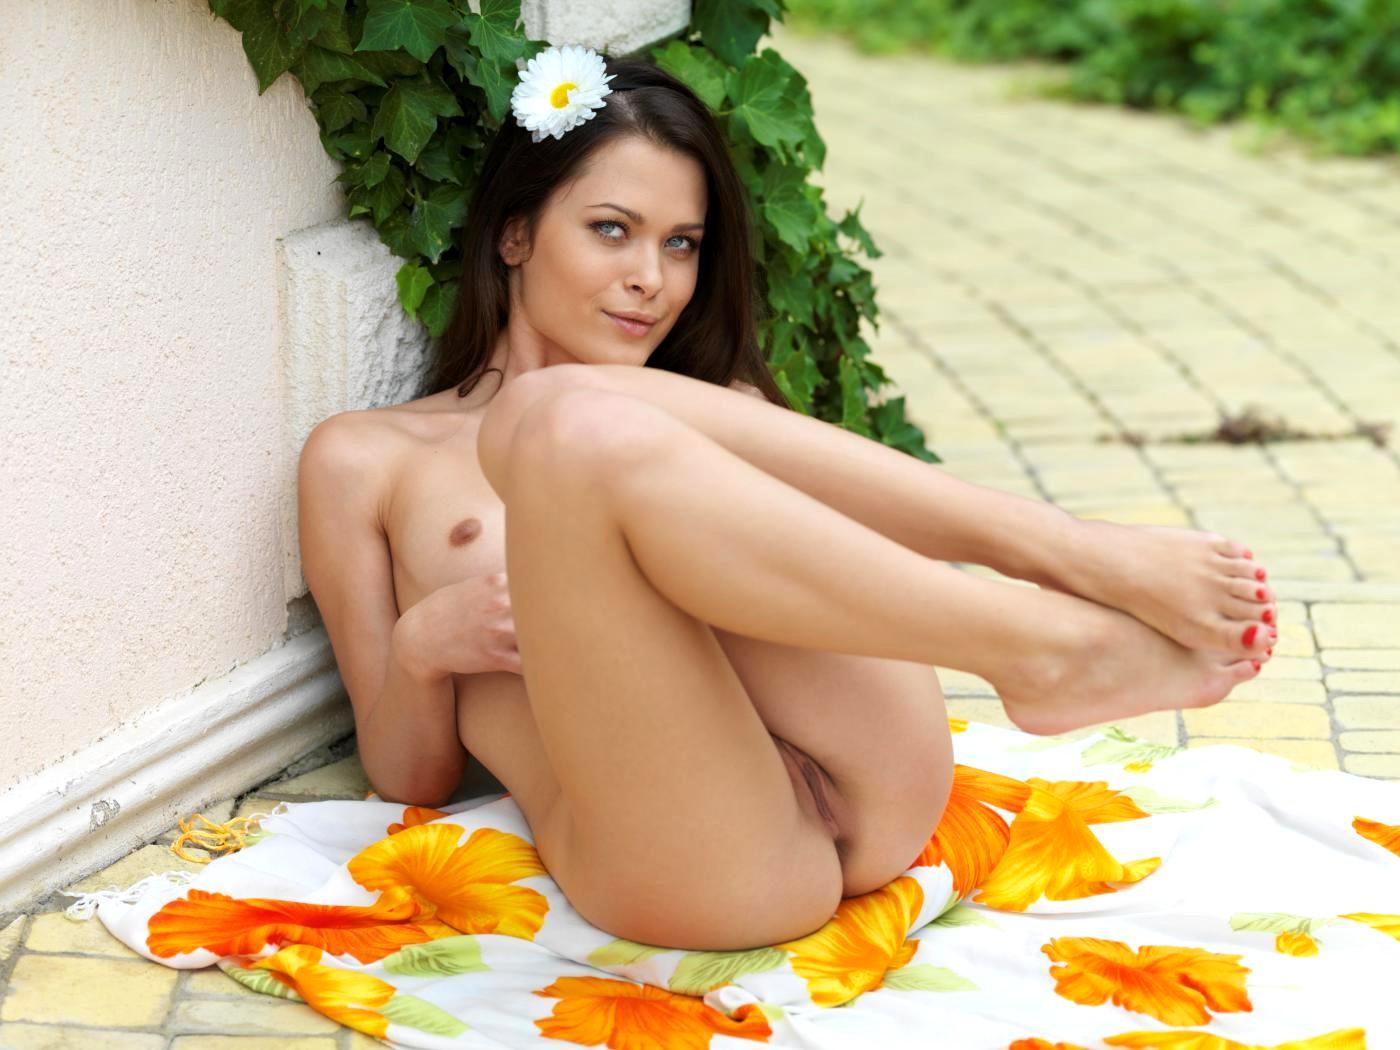 Красавица секс видео украинская